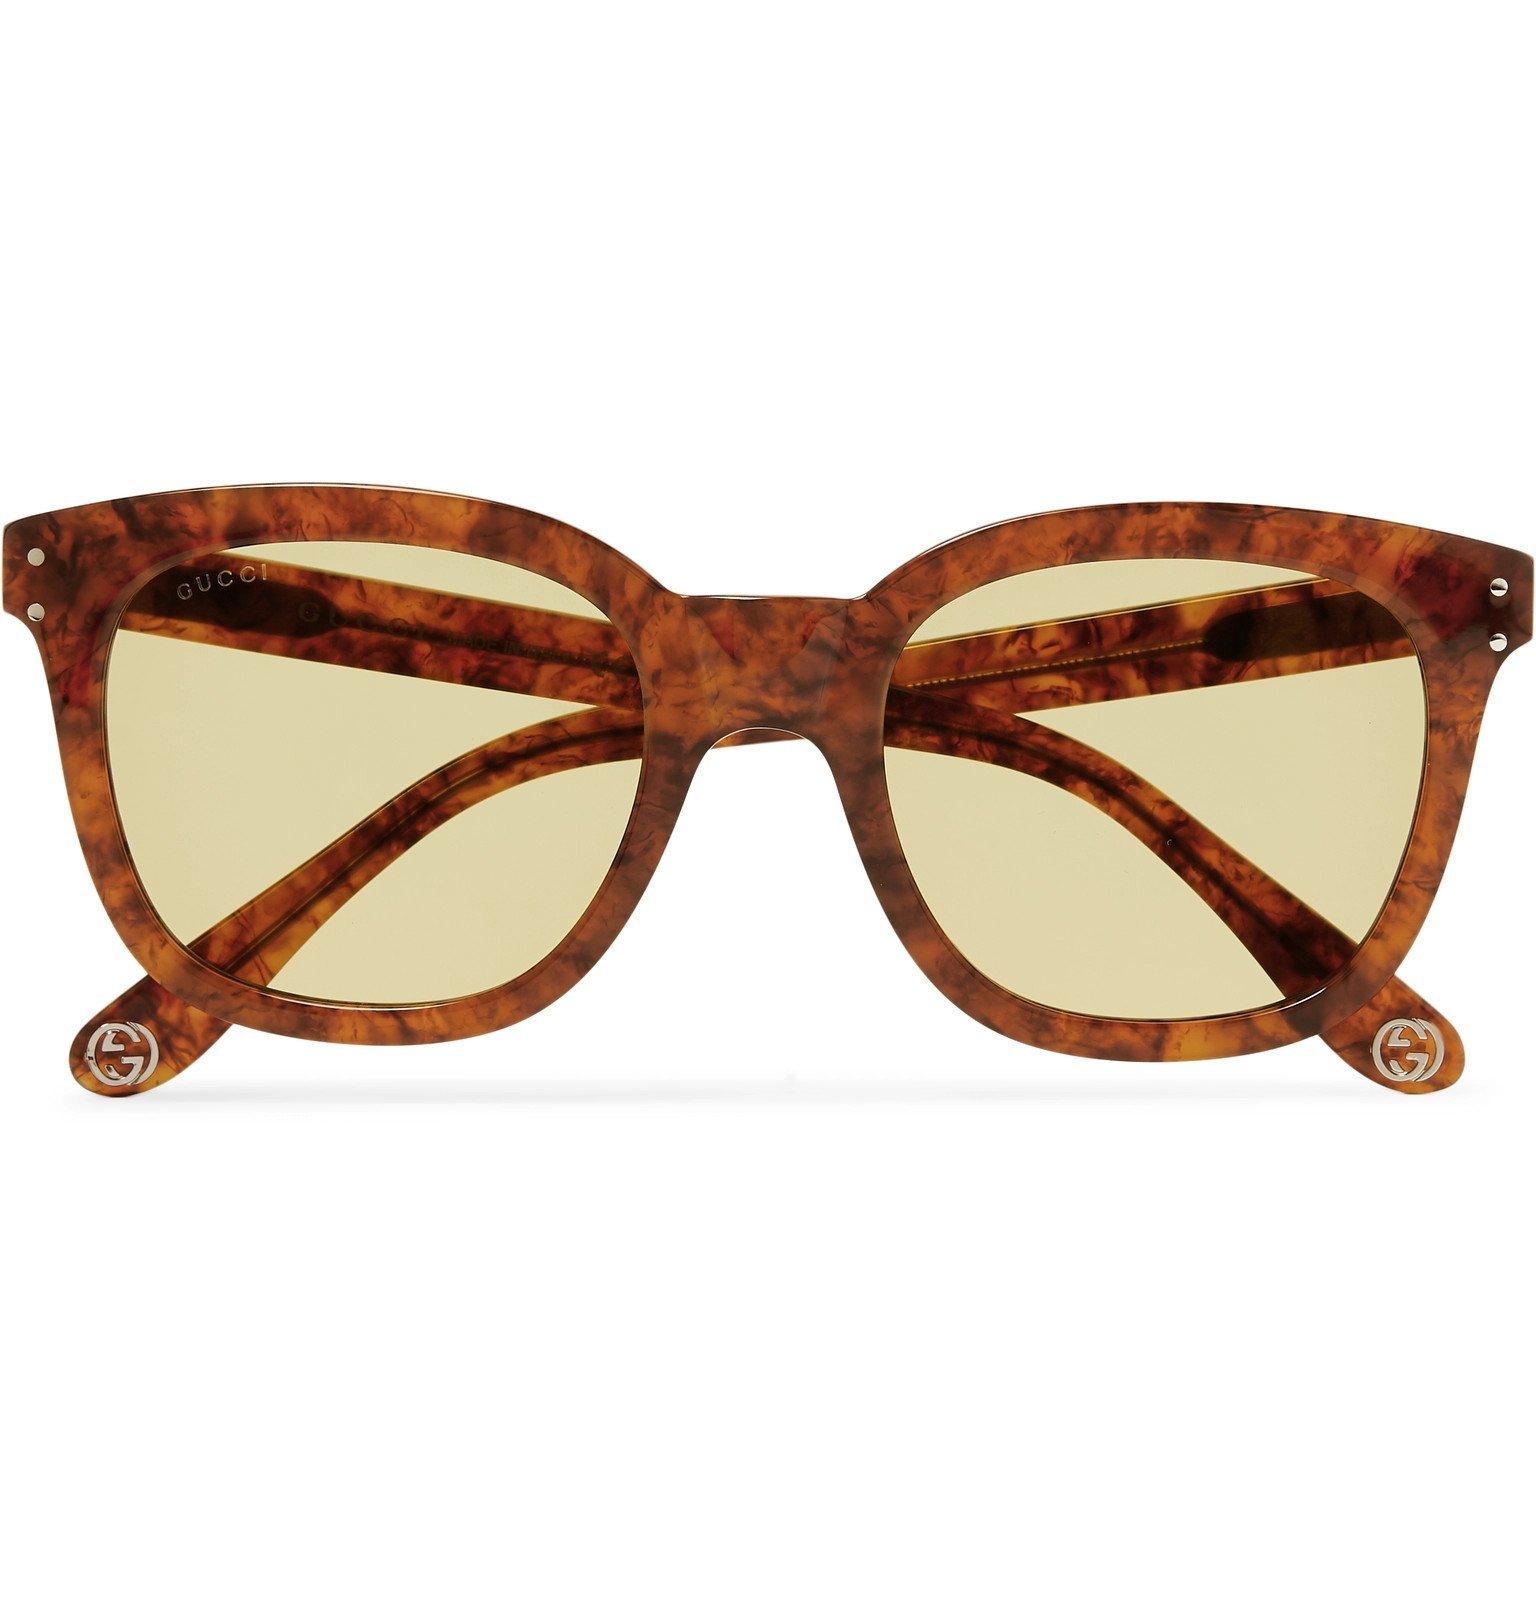 Photo: Gucci - Square-Frame Acetate Sunglasses - Tortoiseshell